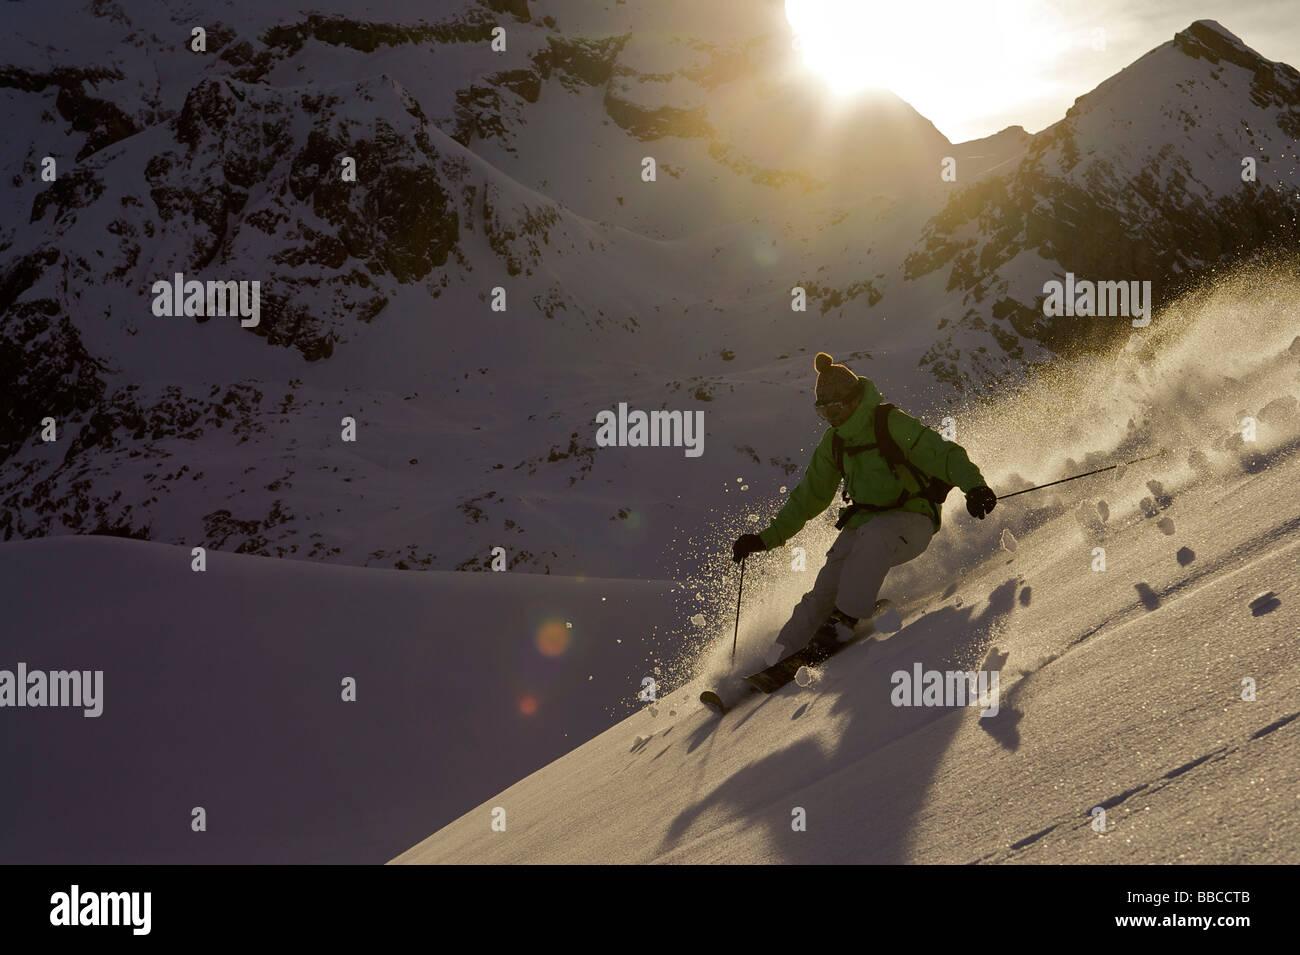 Sciatore ruotando i fuori pista. Immagini Stock